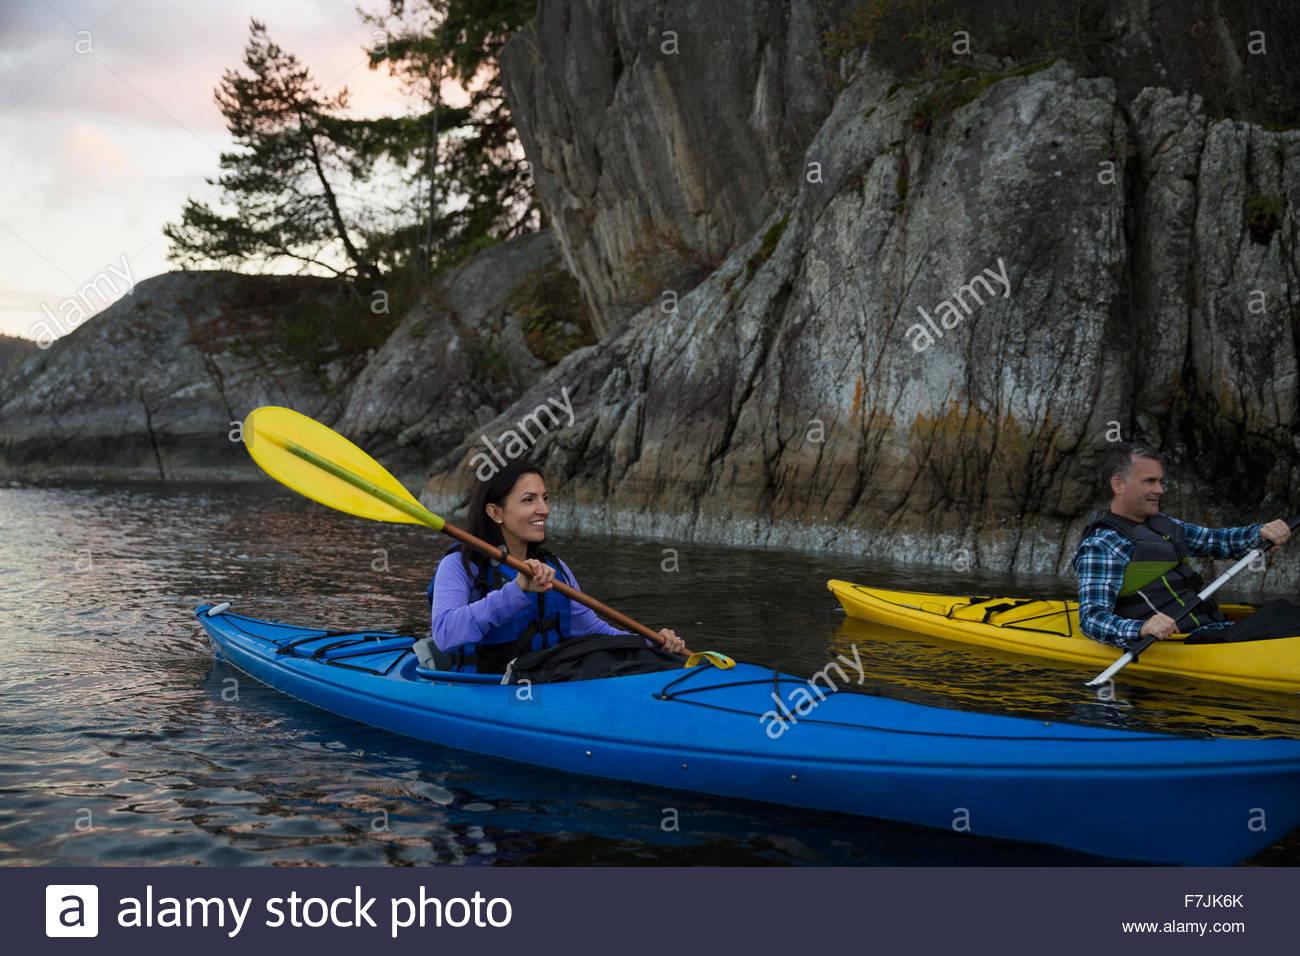 Matura in canoa sul lago al tramonto Immagini Stock